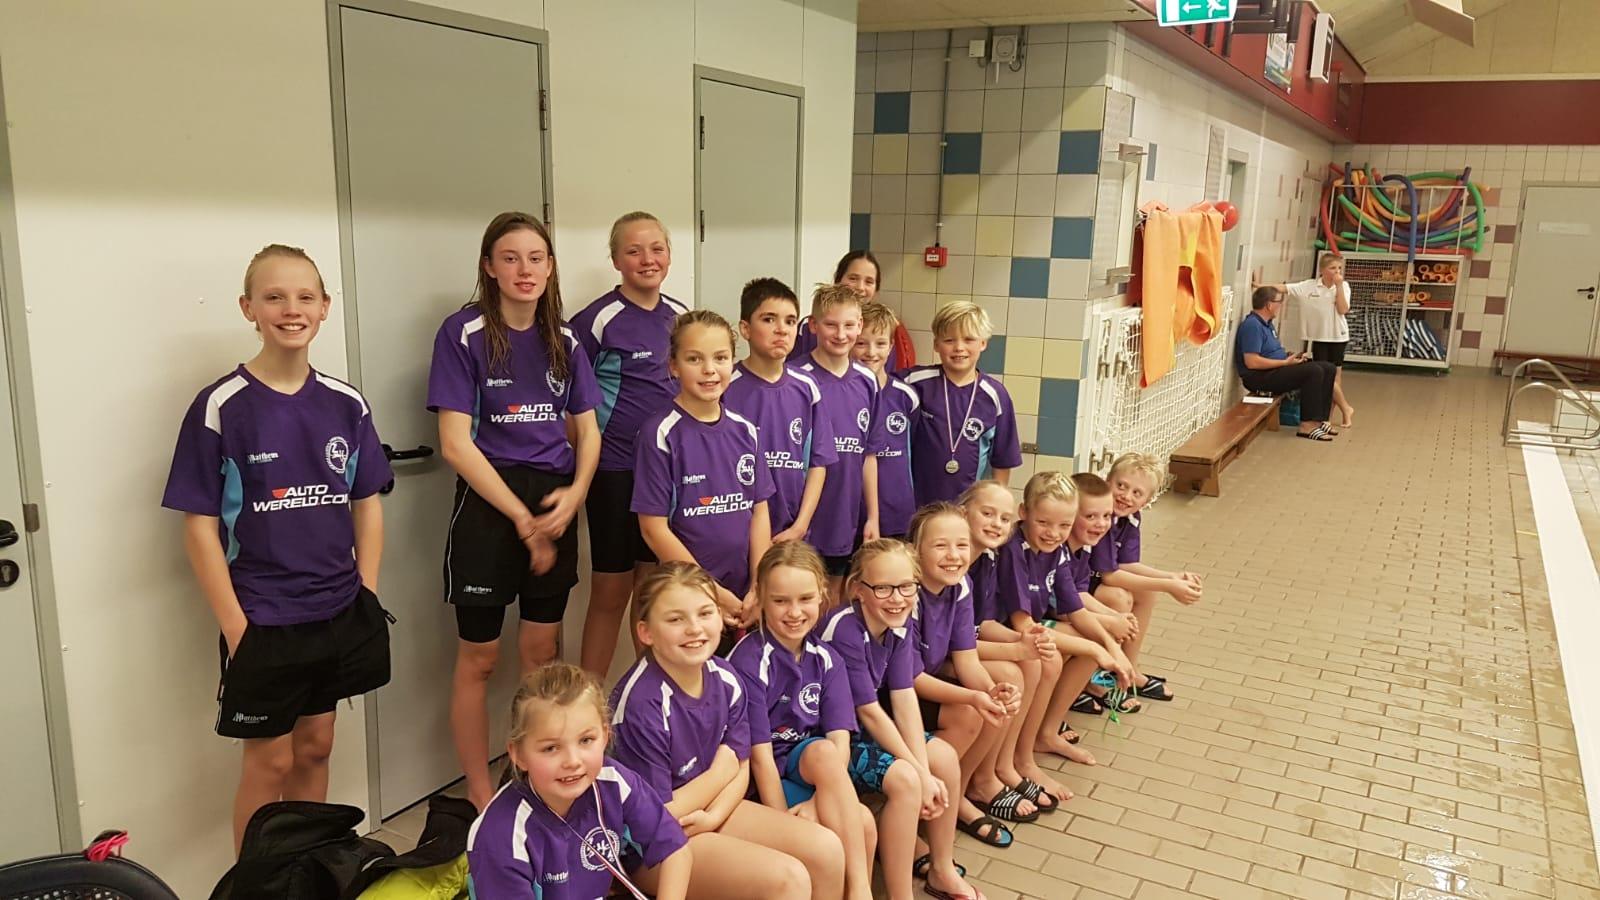 ZvZ in actie 10-kamp Steenwijk